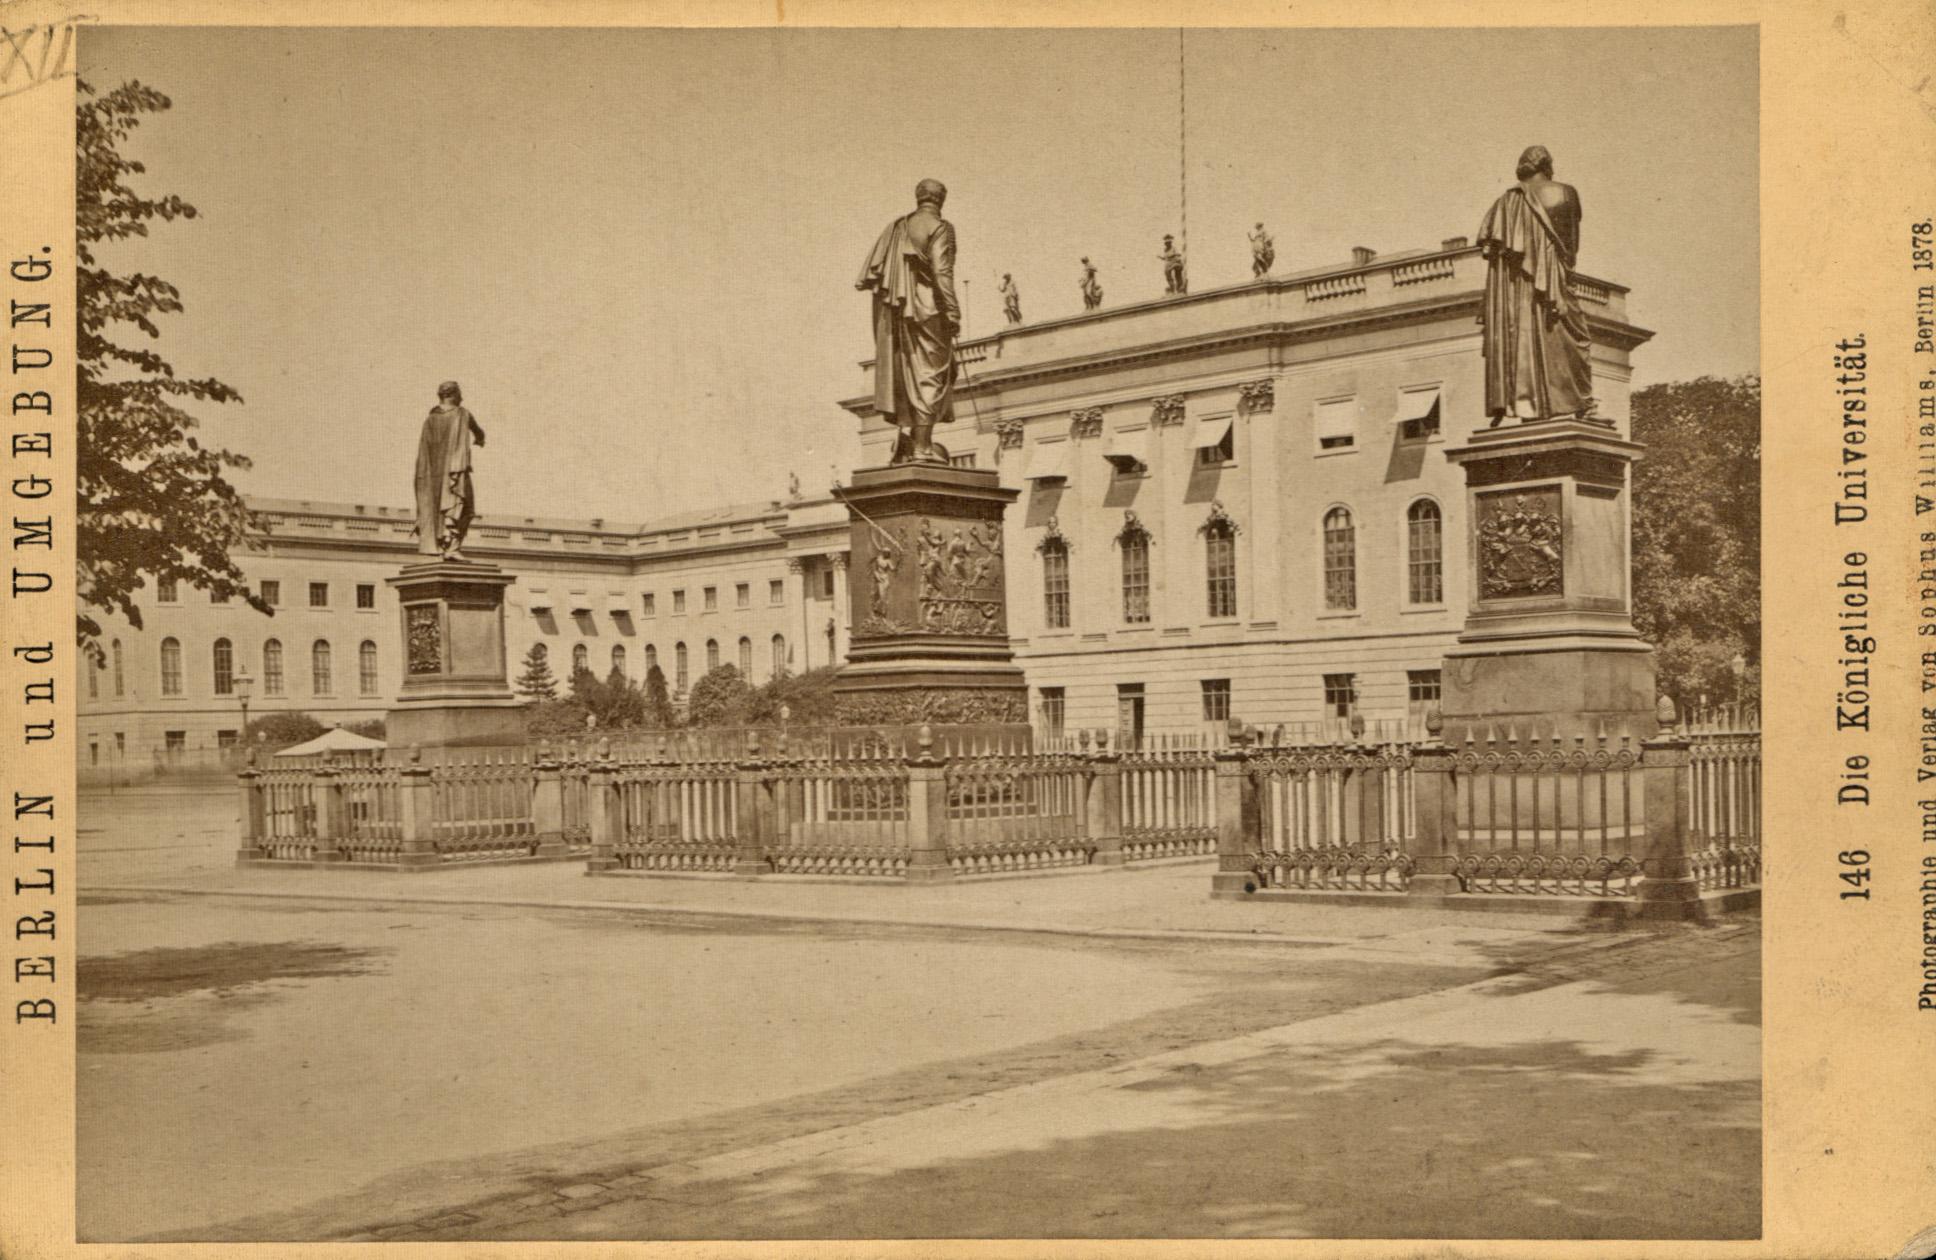 Die königliche Universität - Blick vom Opernplatz: Berlin - Universität